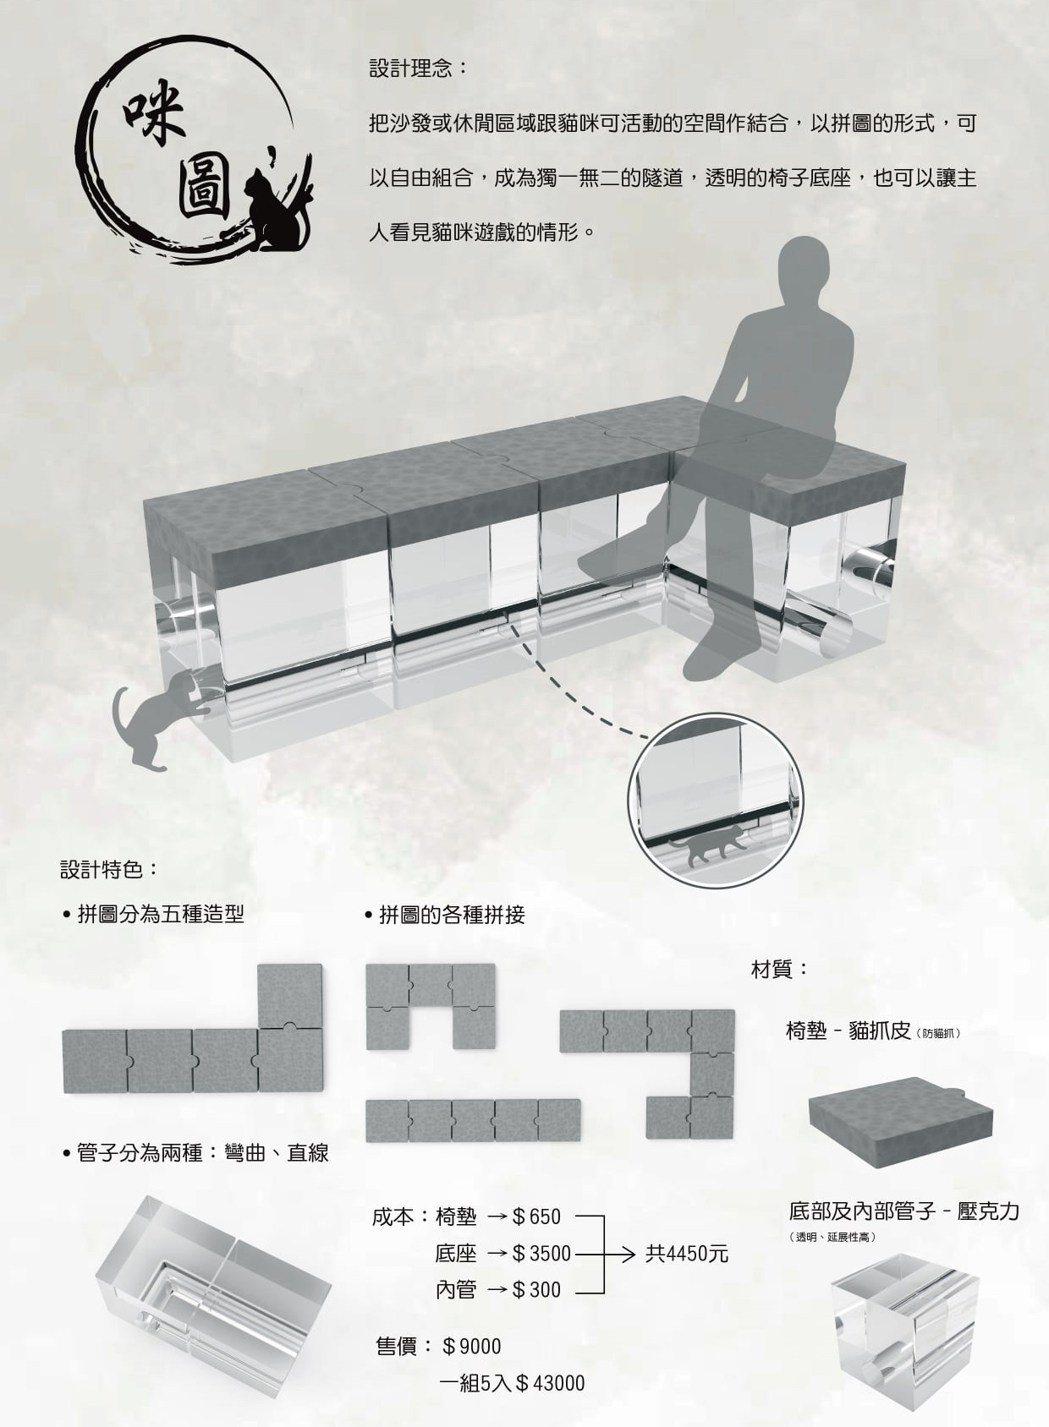 黃晴湄與游馨婷作品「咪圖」是透明拼圖沙發,讓家中成員可與毛小孩一同輕鬆互動。龍華...